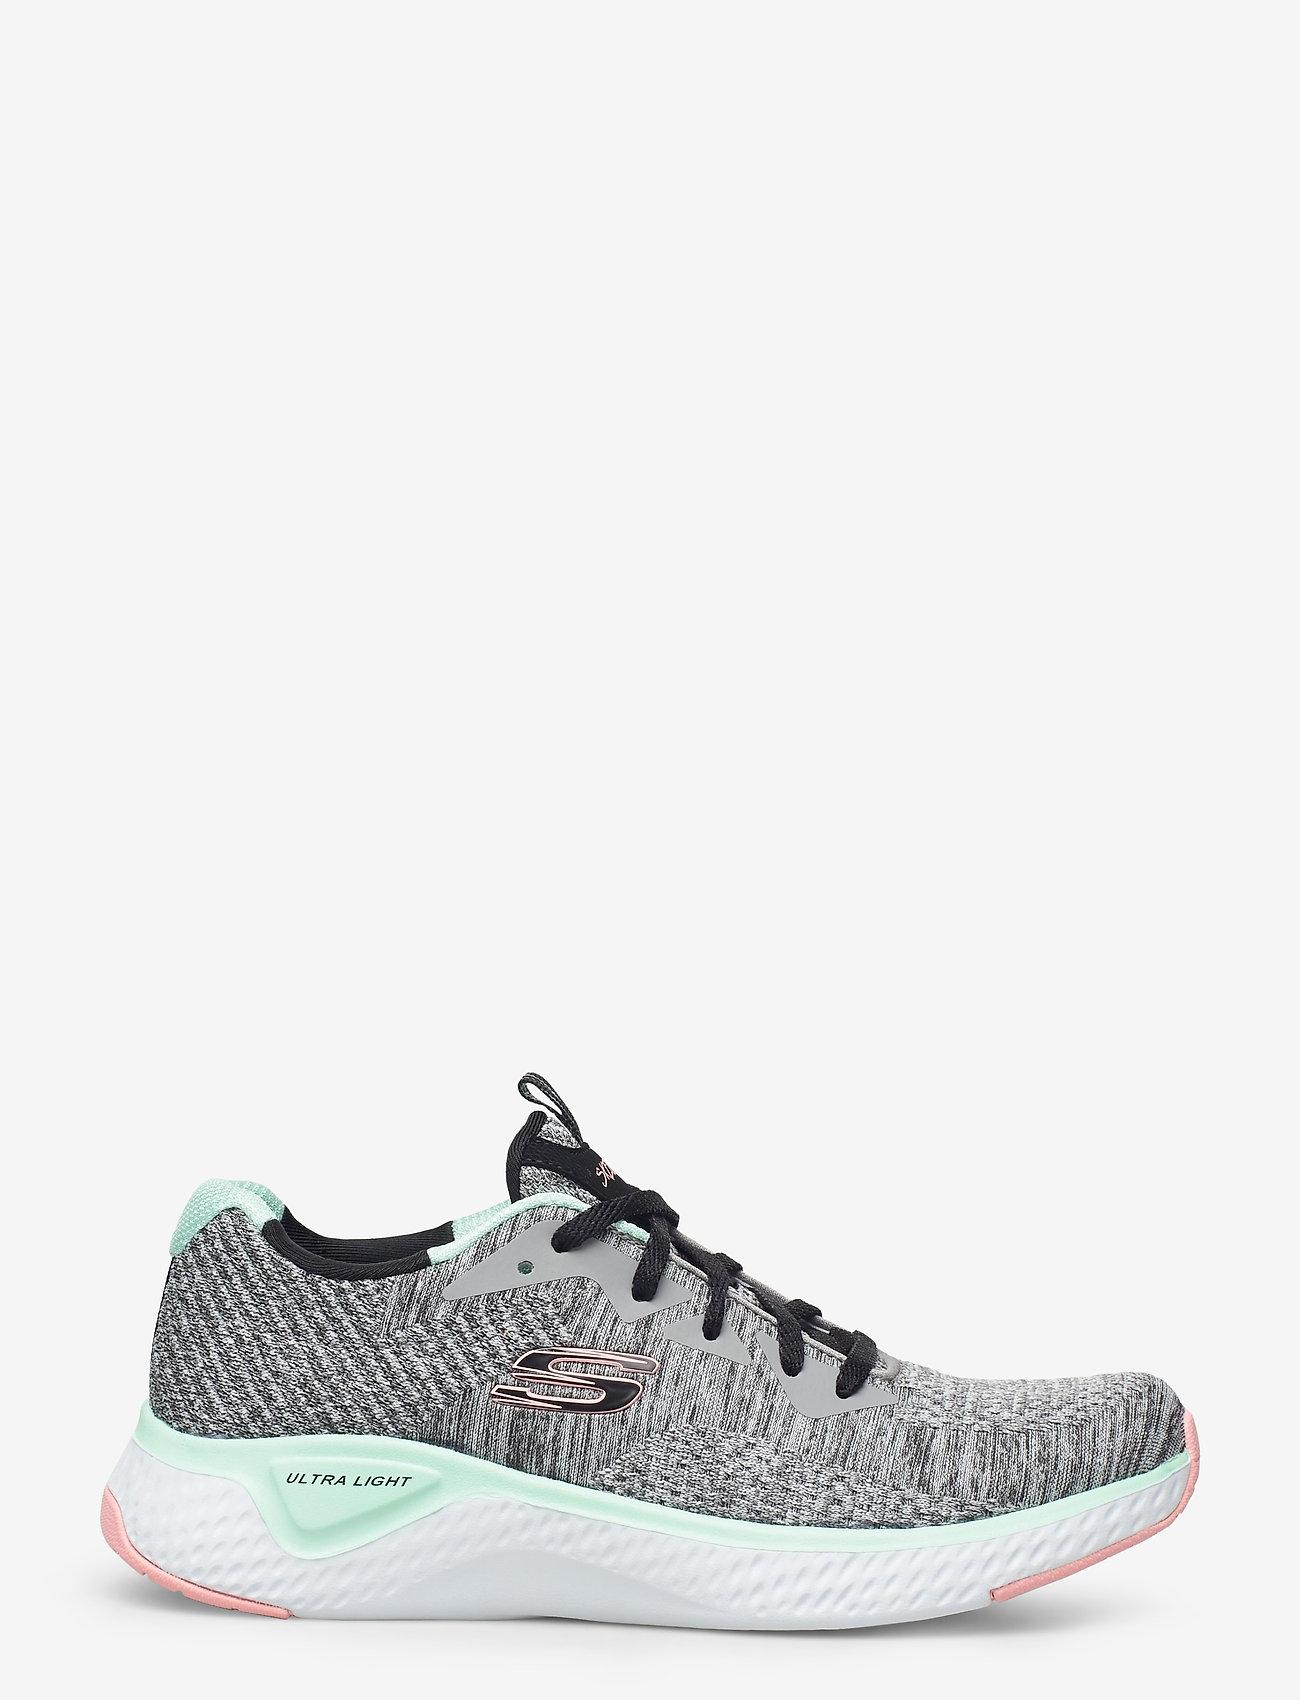 Skechers - Womens Solar Fuse - Brisk Escape - låga sneakers - gymt grey multicolor - 1